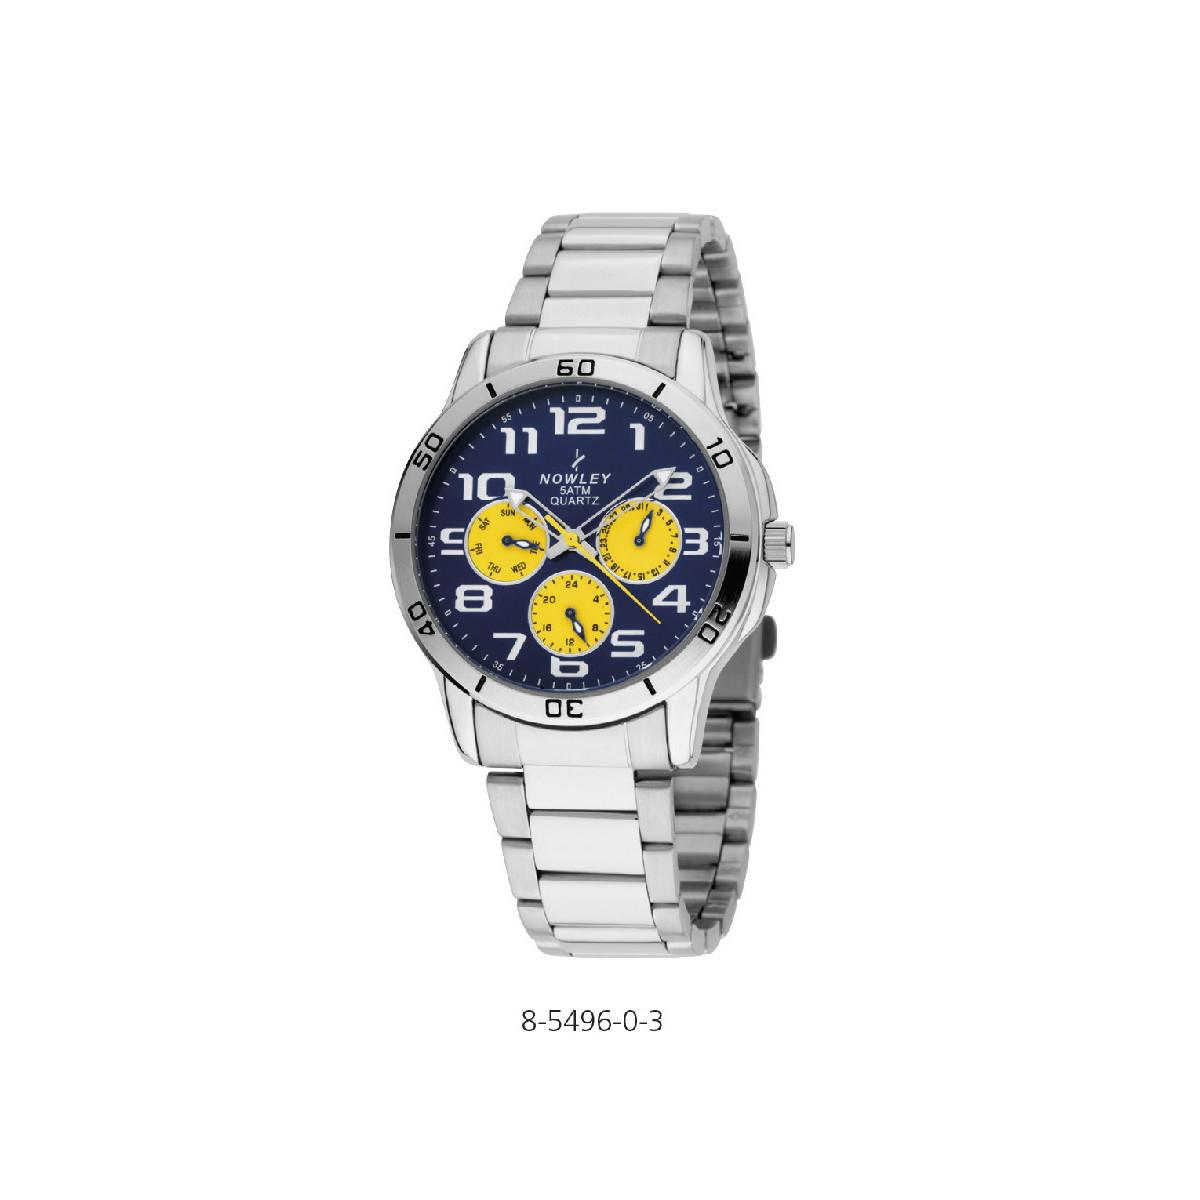 Reloj Nowley - 8-5496-0-3